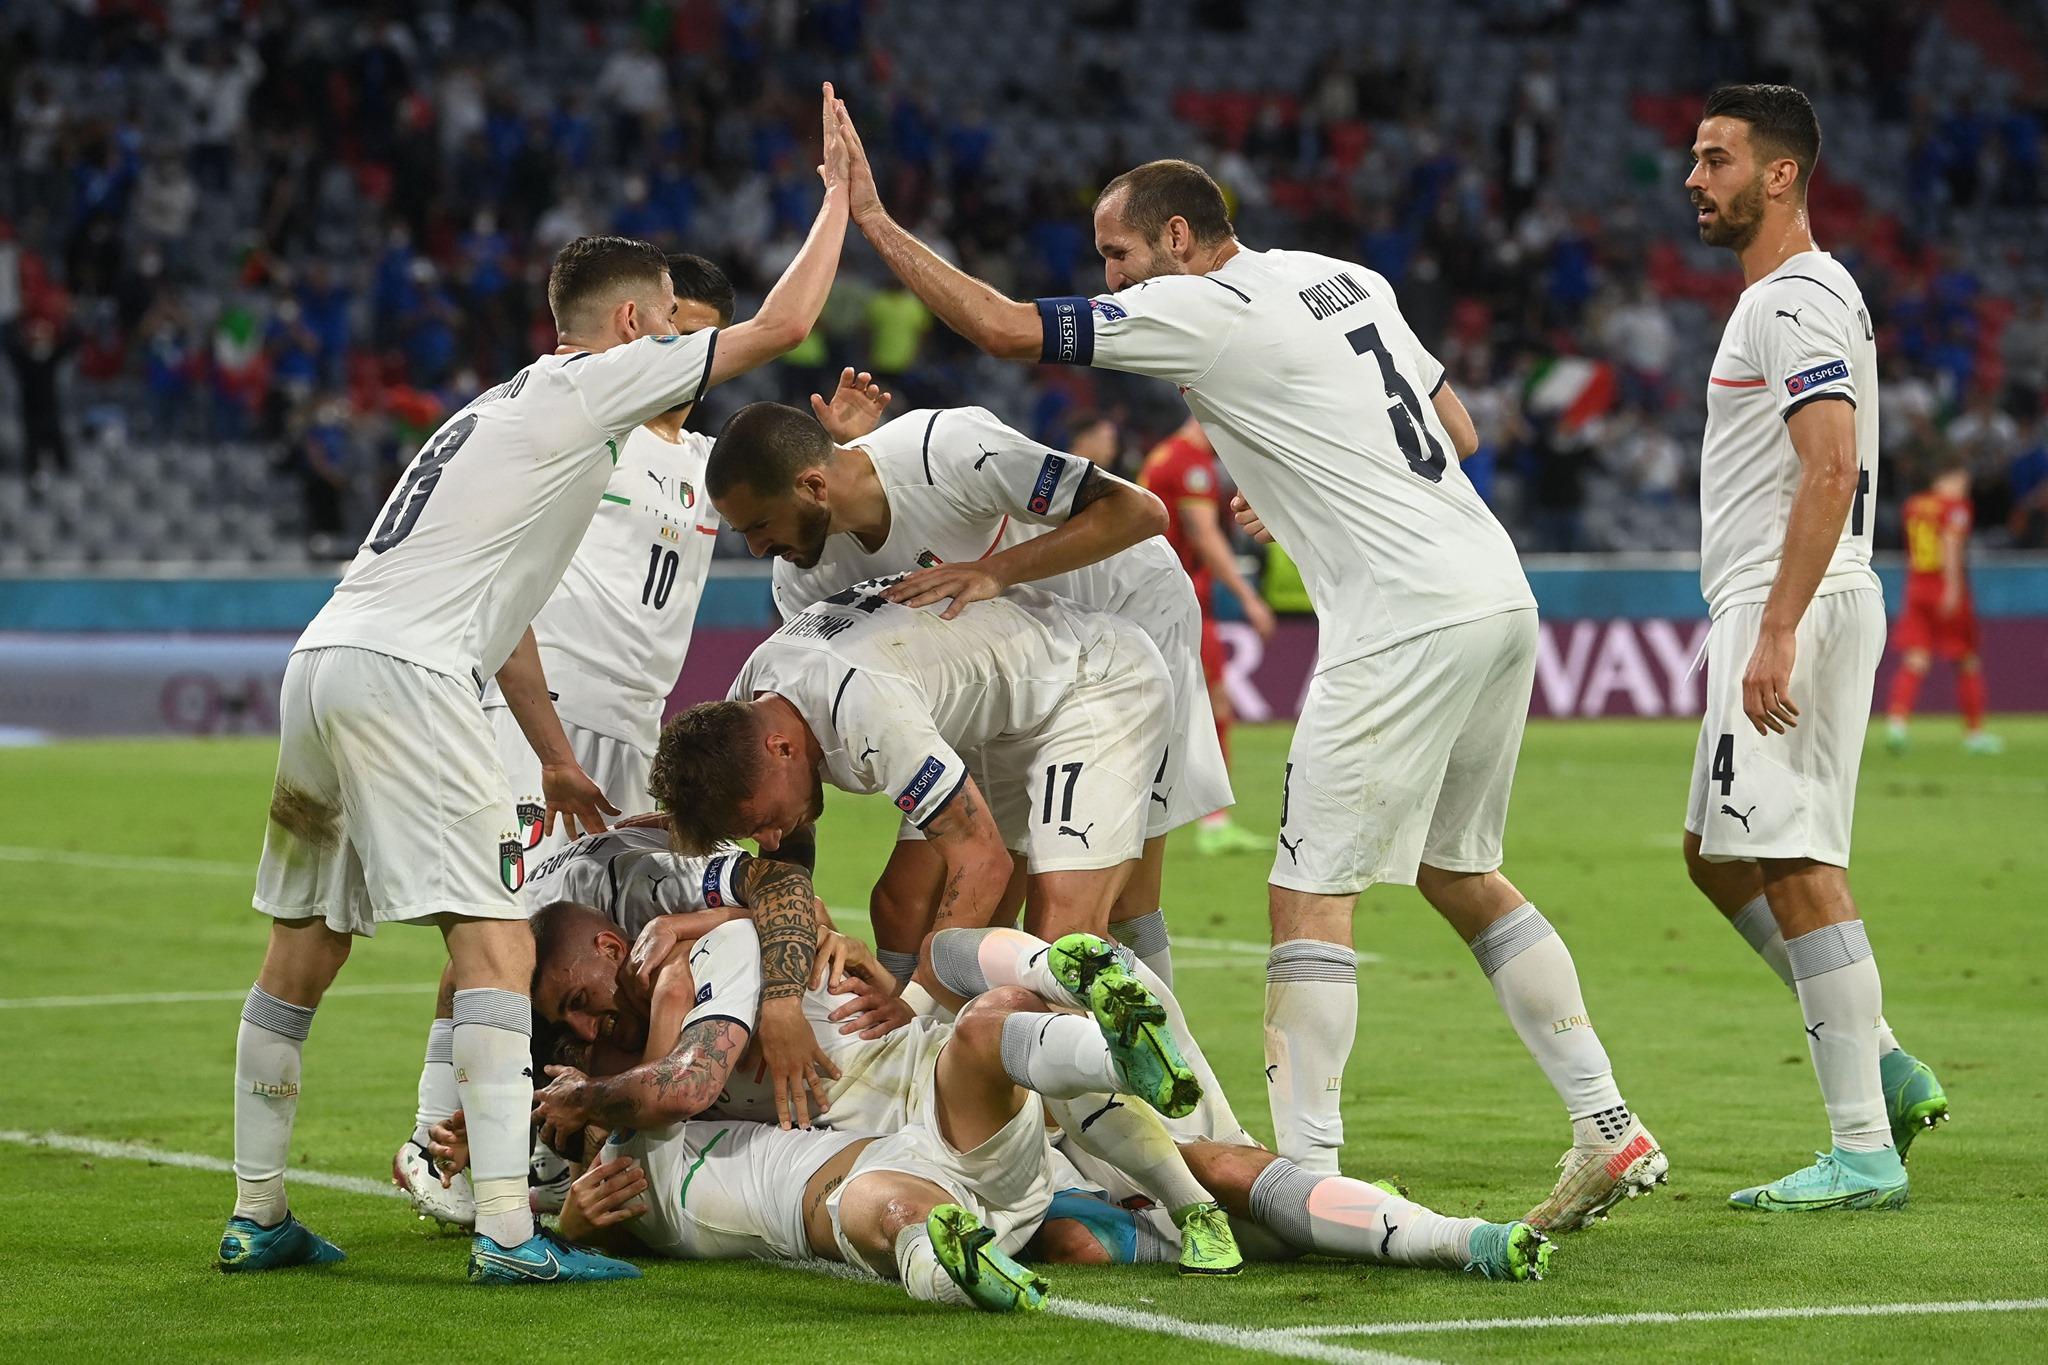 歐洲杯-義大利踢贏比利時晉級4強Pedri-SPORT598體育新聞6632